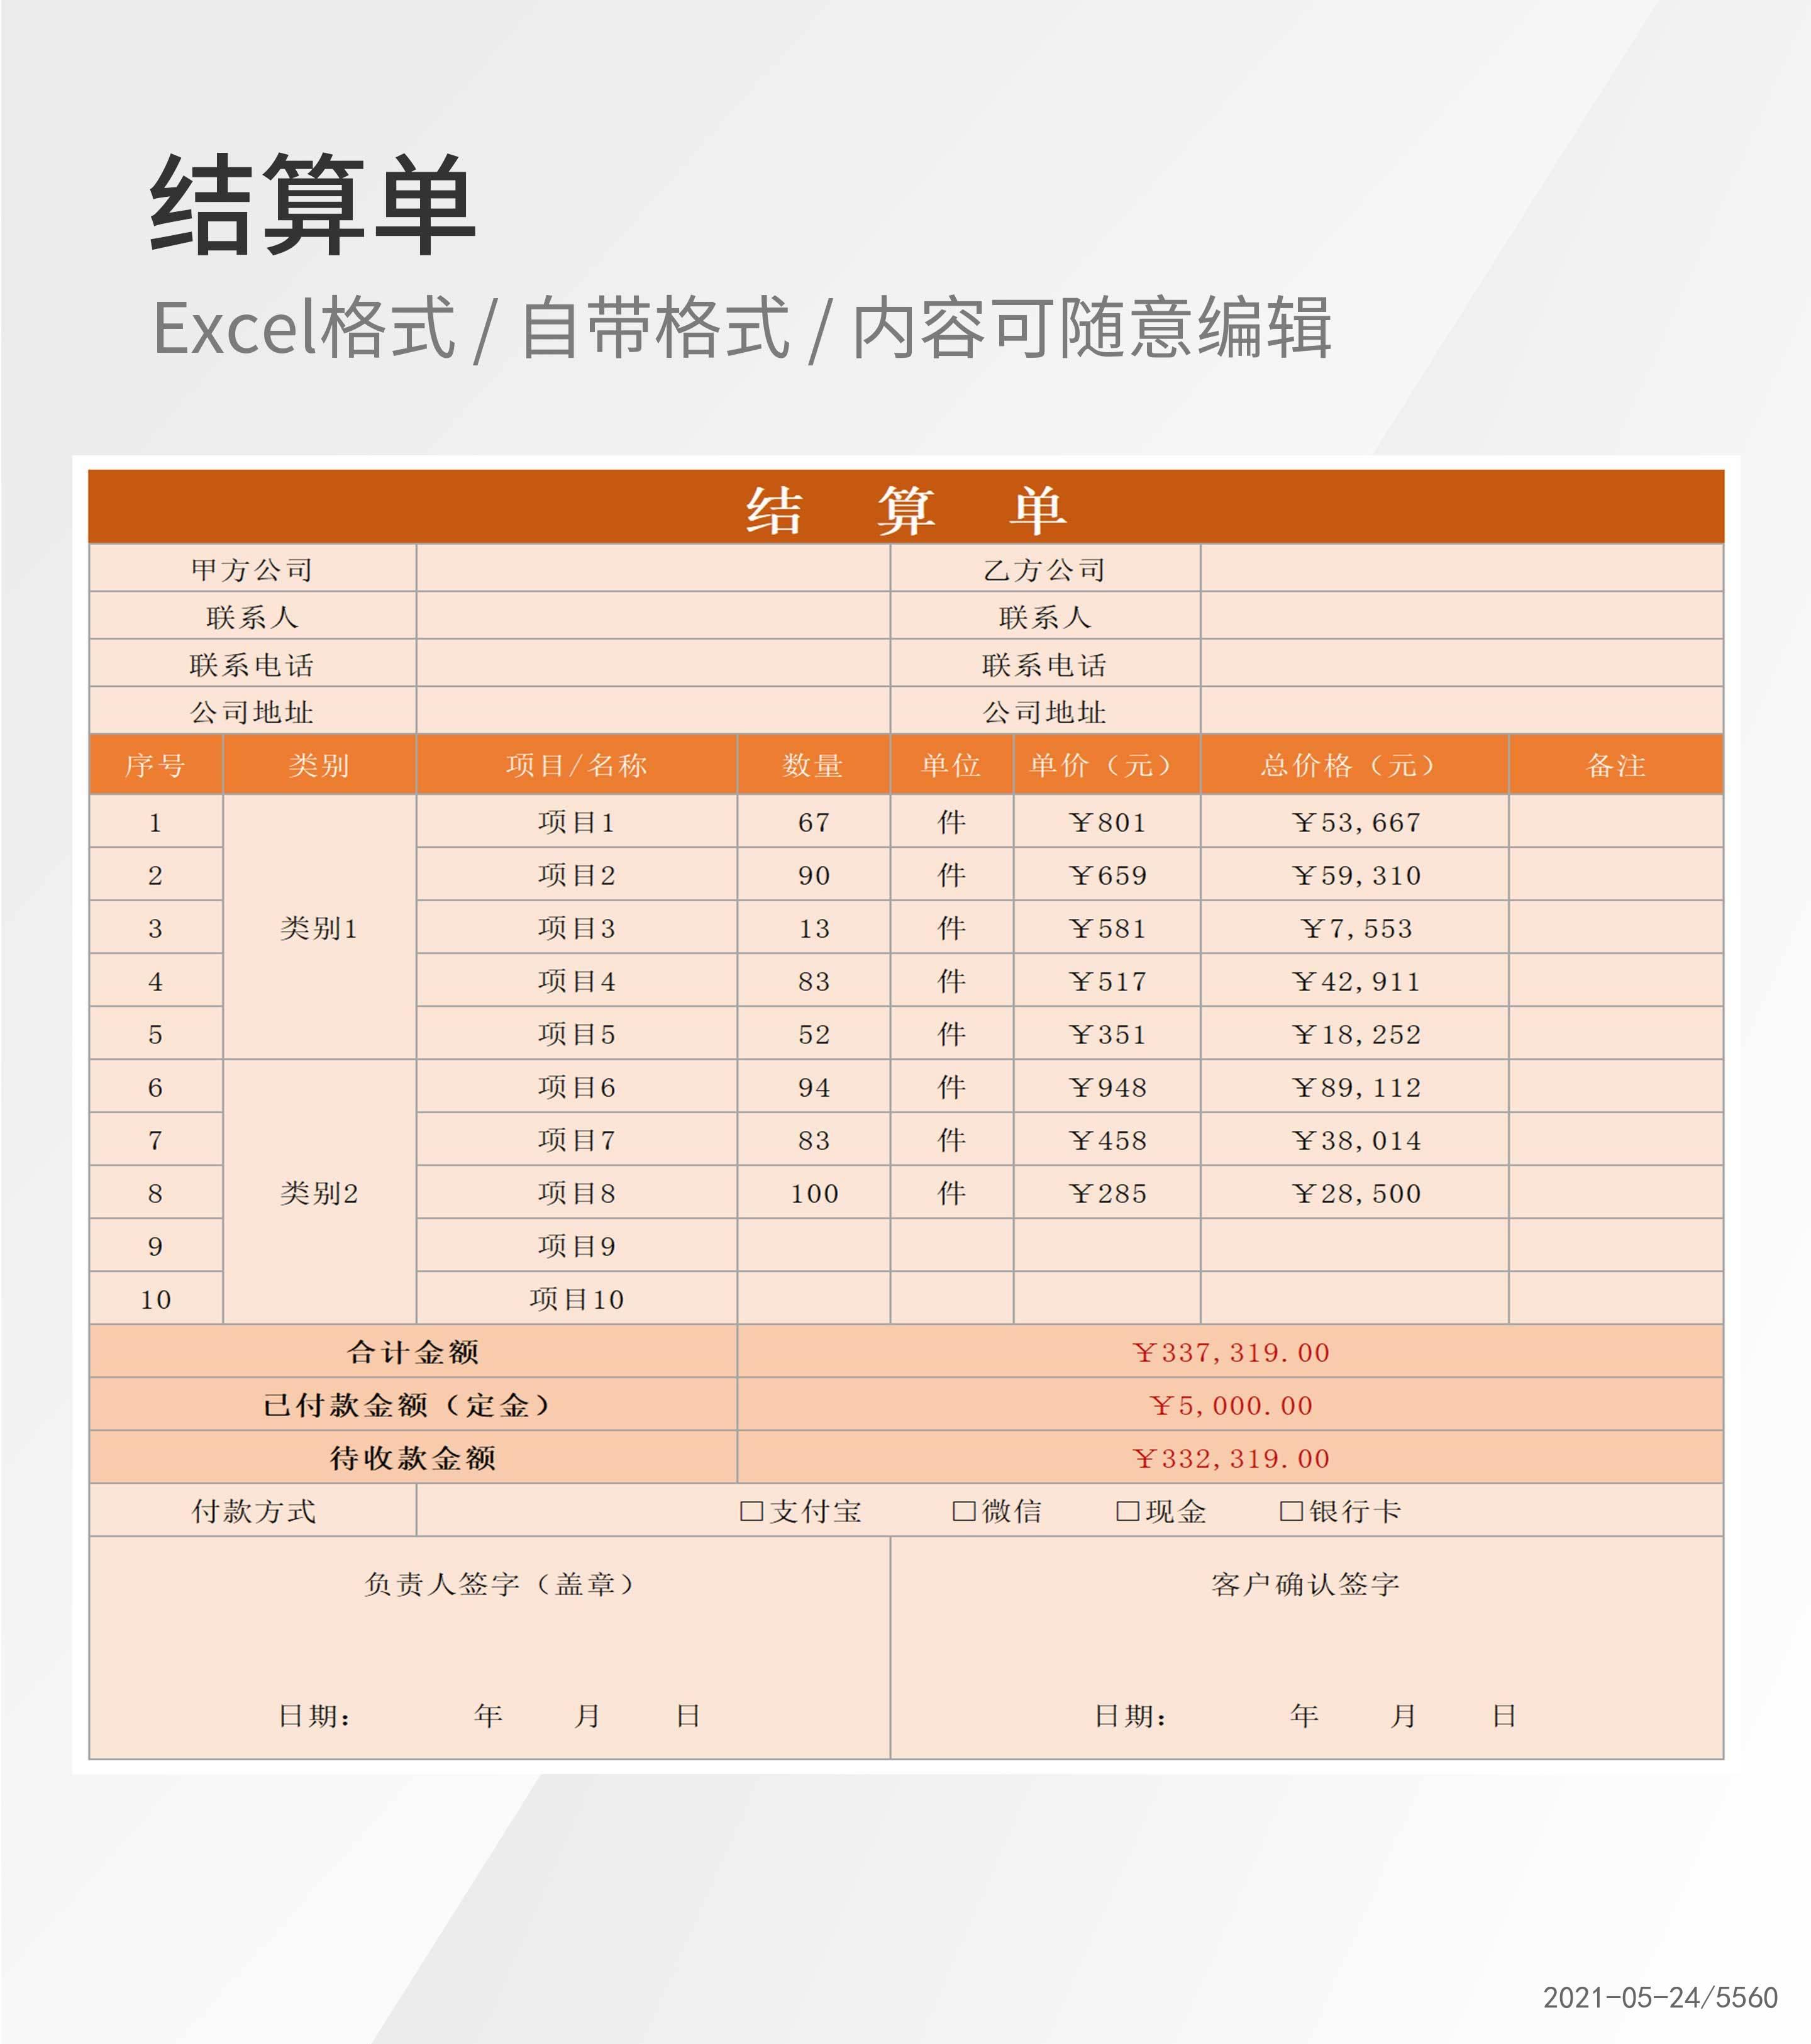 公司项目合同结算单Excel模板